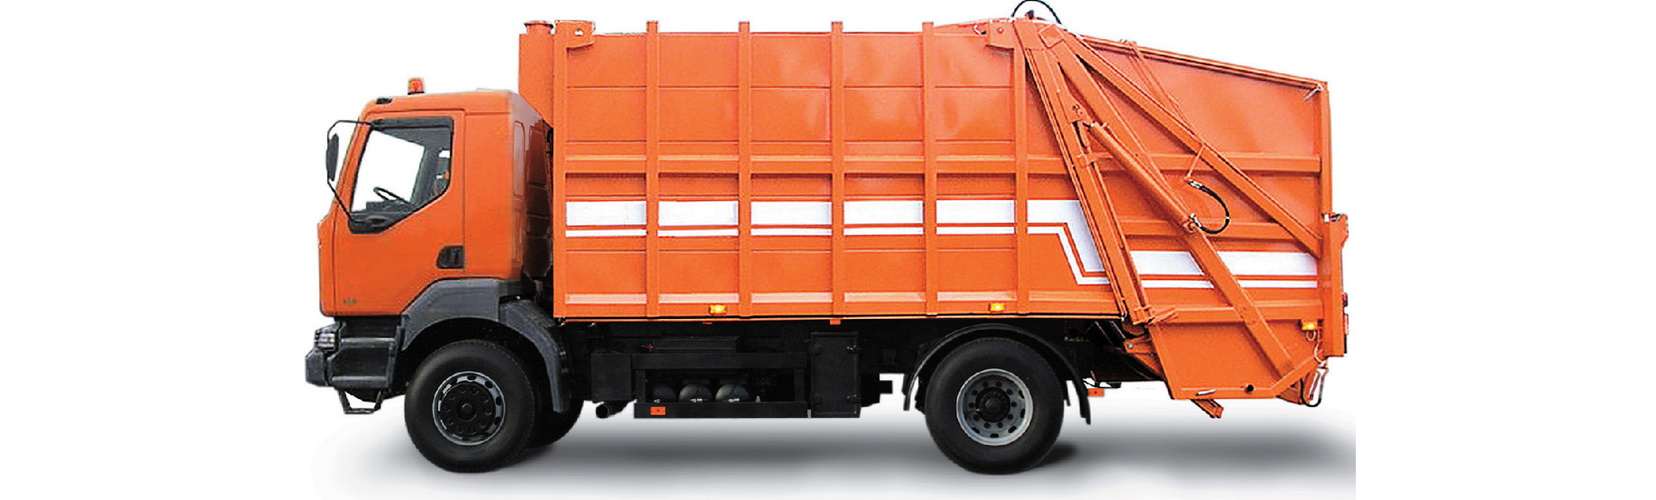 Вывоз строительного мусора в Киеве – выгодные цены, профессиональный сервис